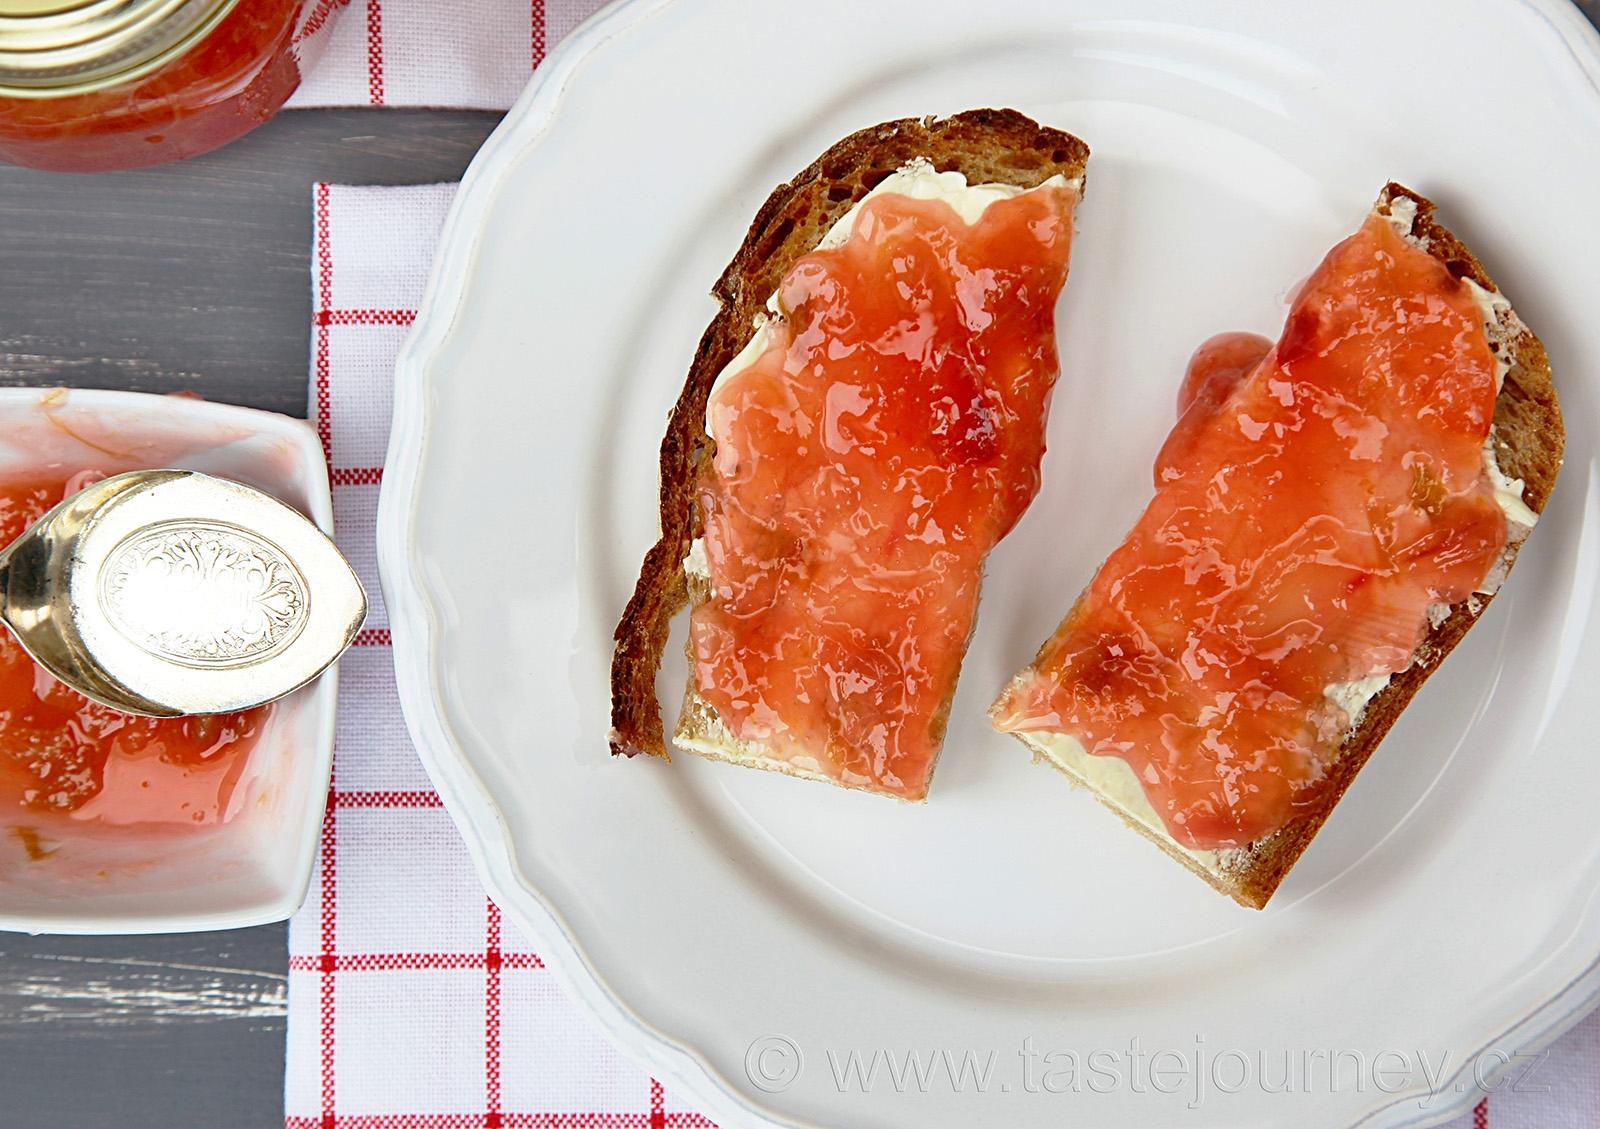 Rebarboroý džem nejlépe chutná na plátku kváskového chleba